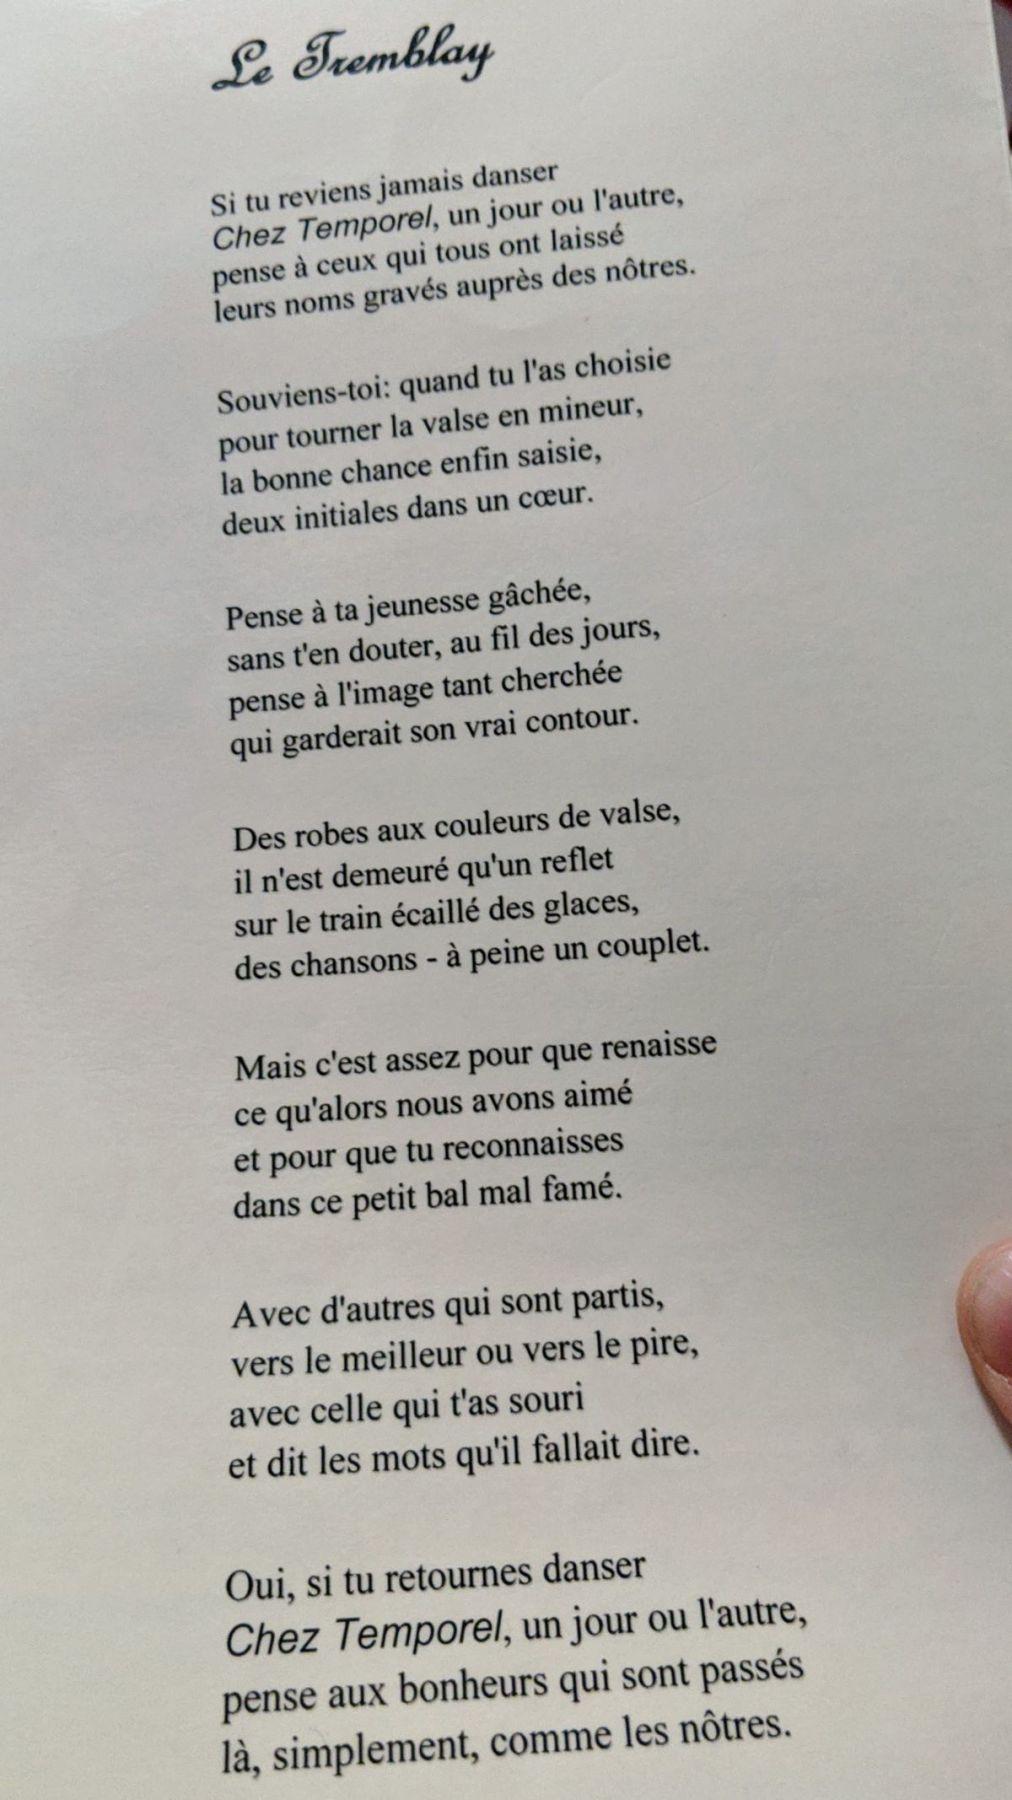 Le Tremblau poème André